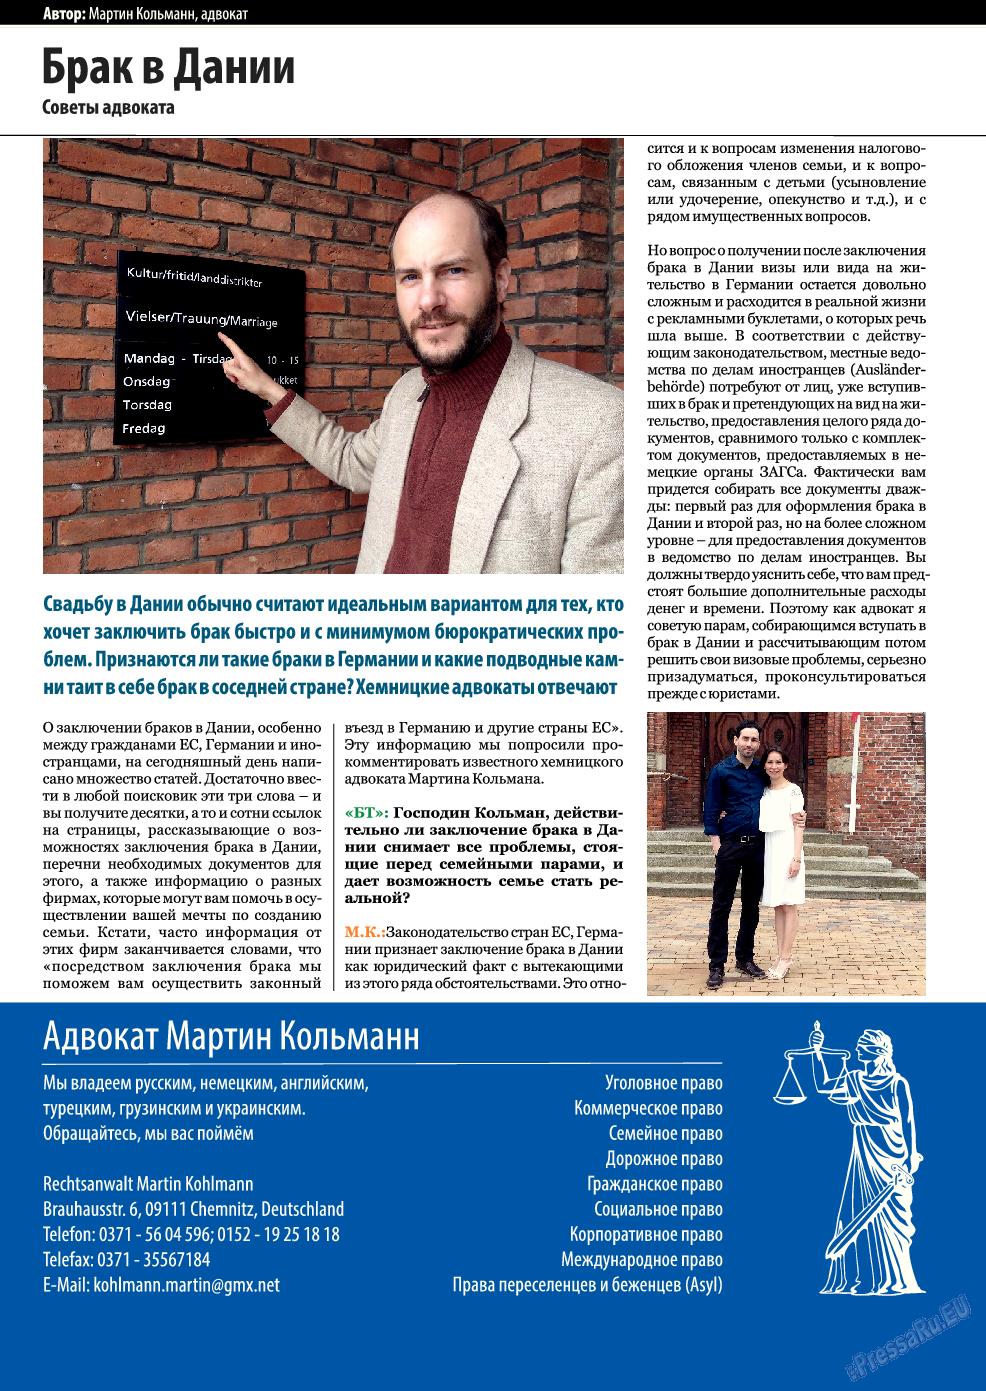 Берлинский телеграф (журнал). 2016 год, номер 14, стр. 29